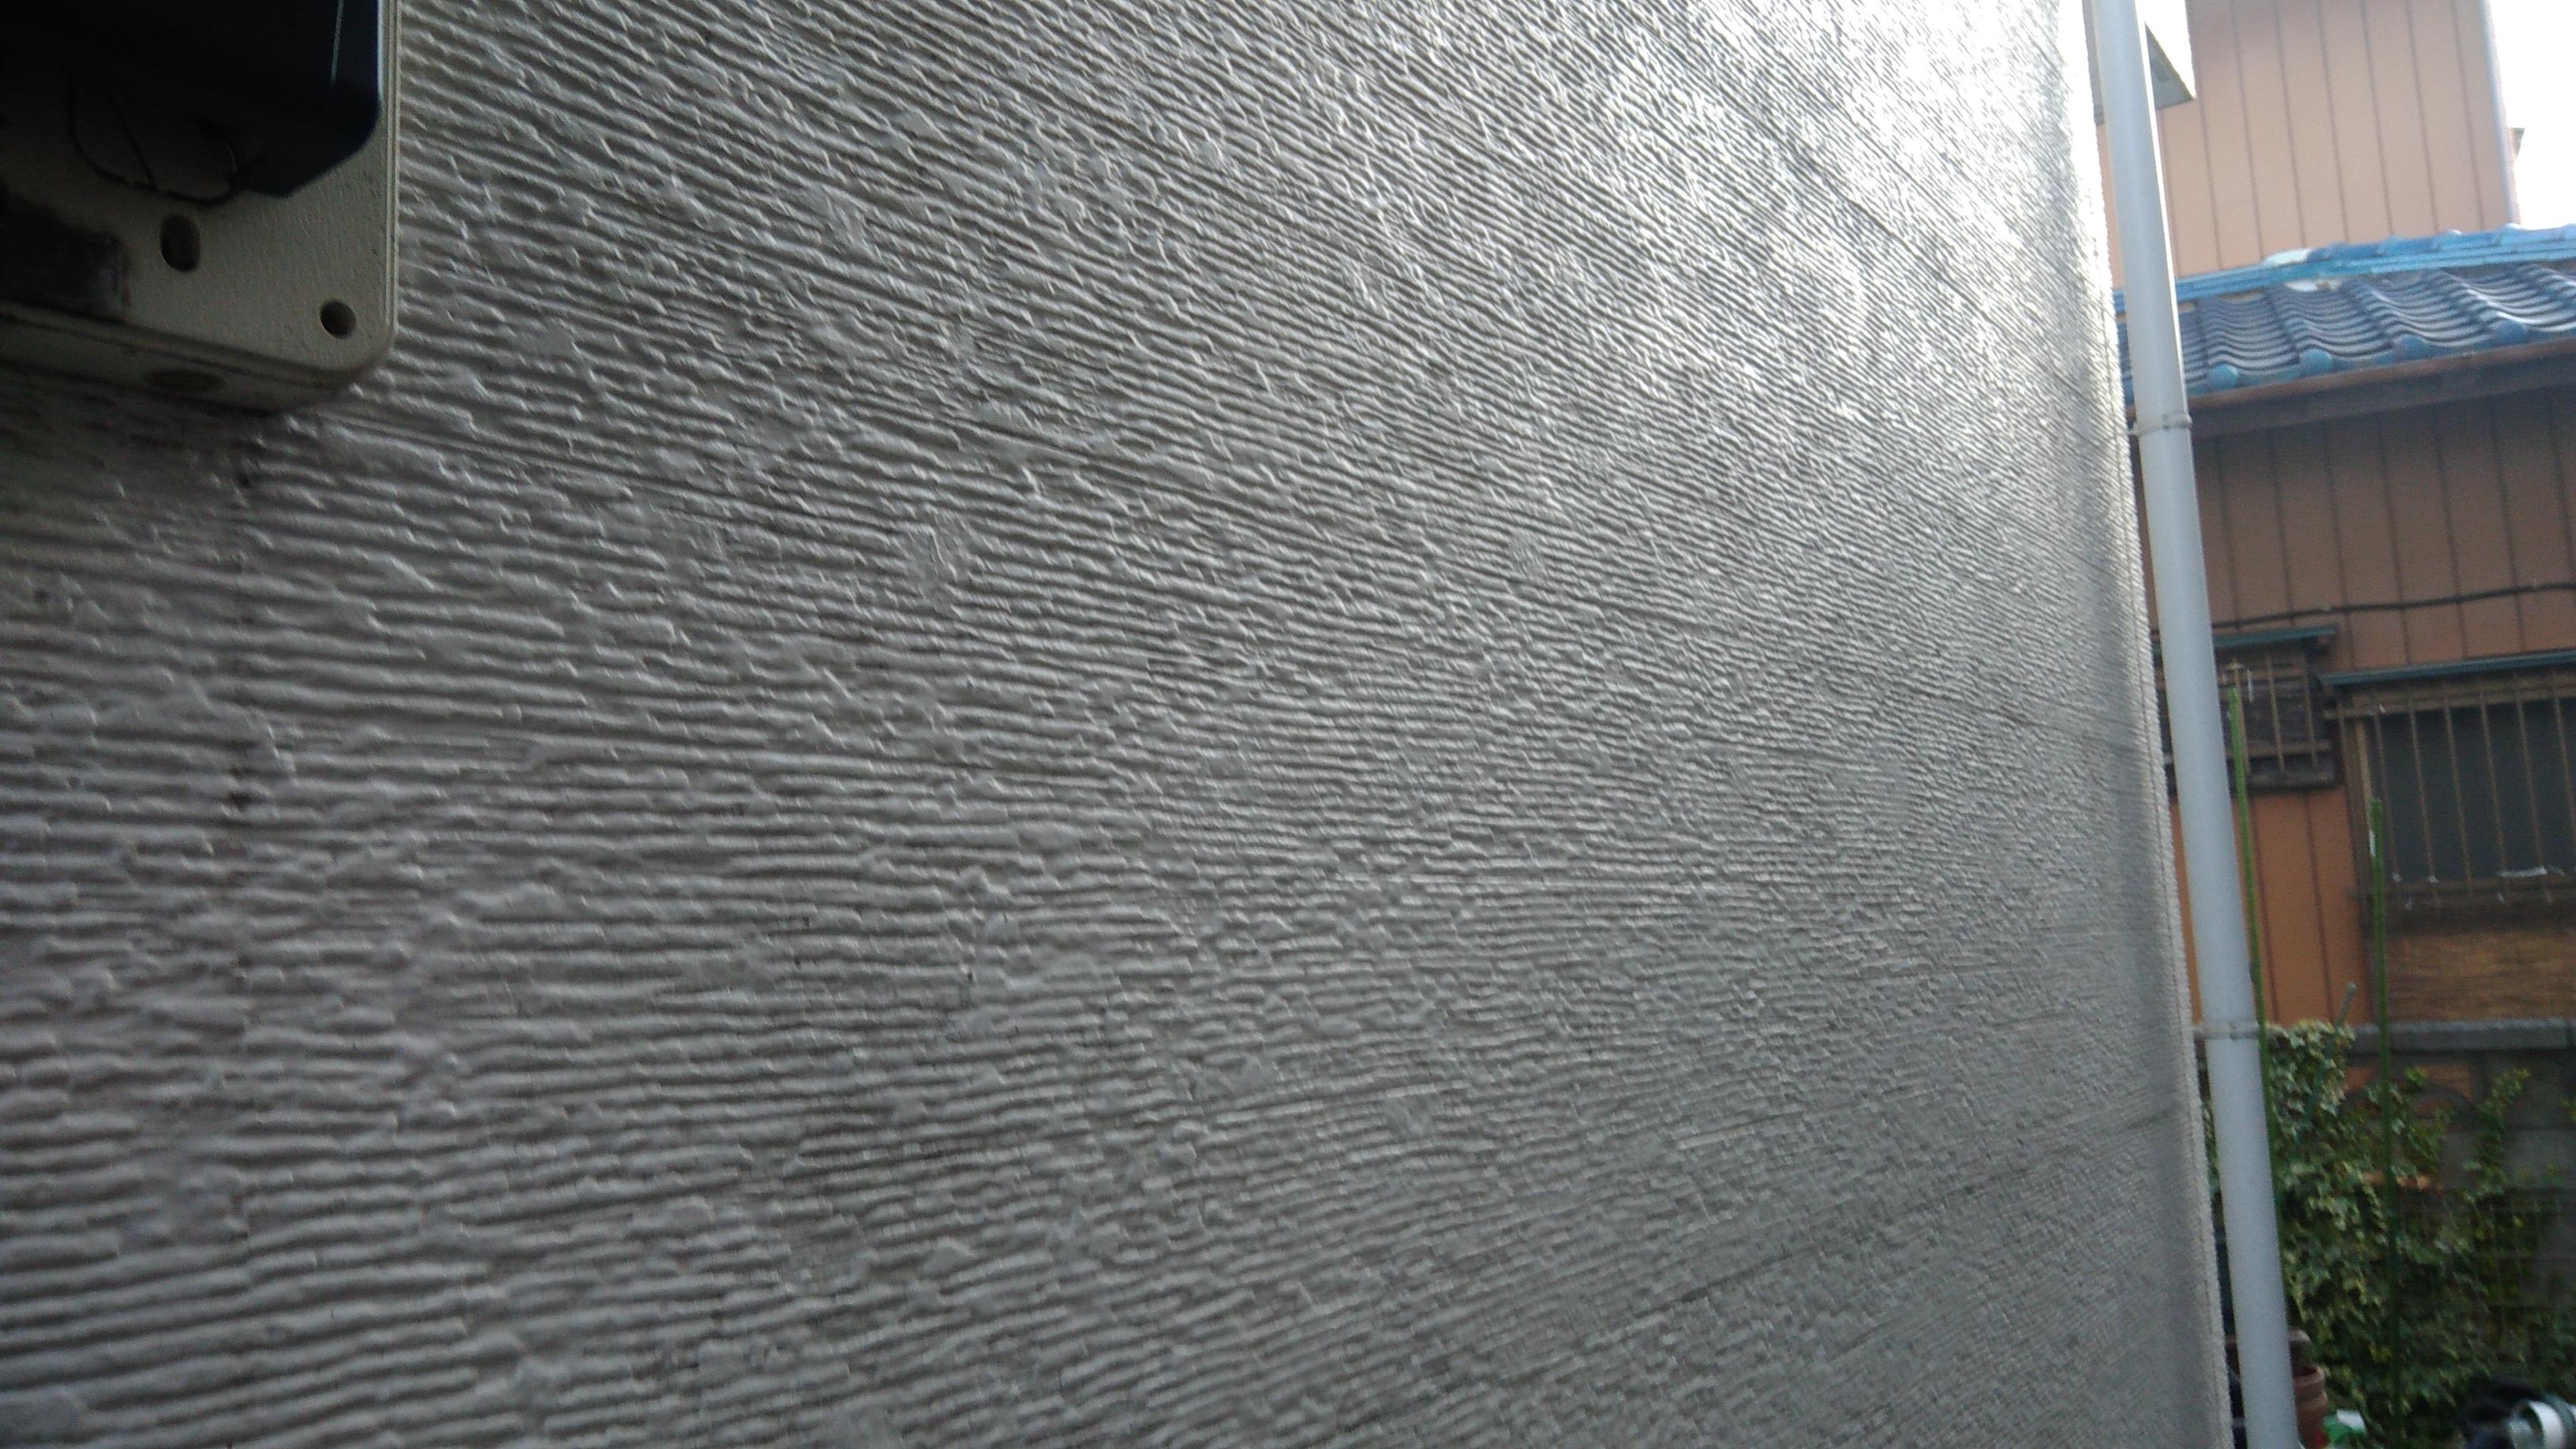 9d059c210d61f040483f362a430d4644 - 家の外壁のコケ(苔)取り・藻の除去の方法徹底調査で最安の方法コレ